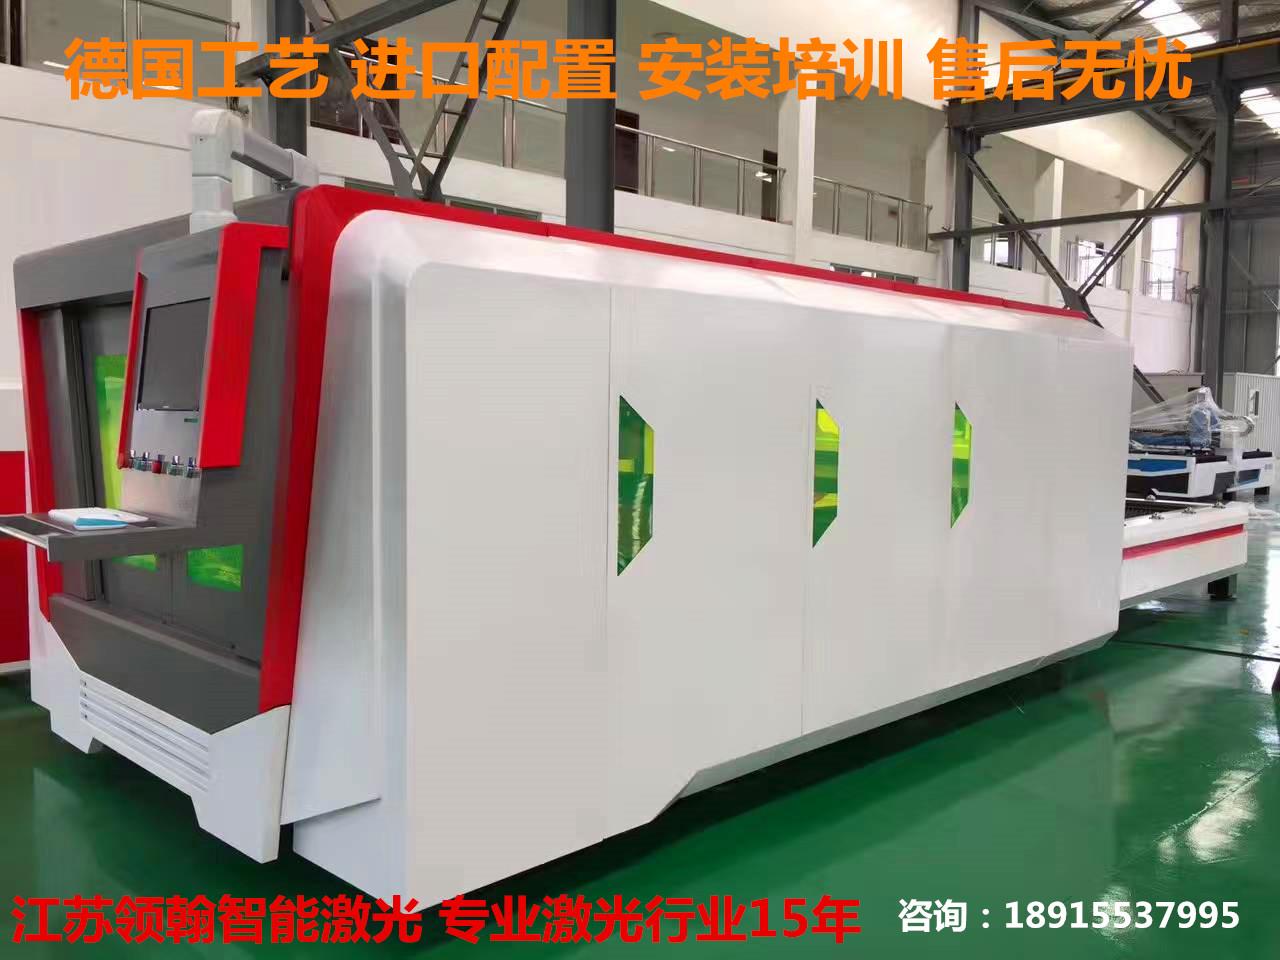 菏澤金屬切割機激光切割機廠家江蘇領翰